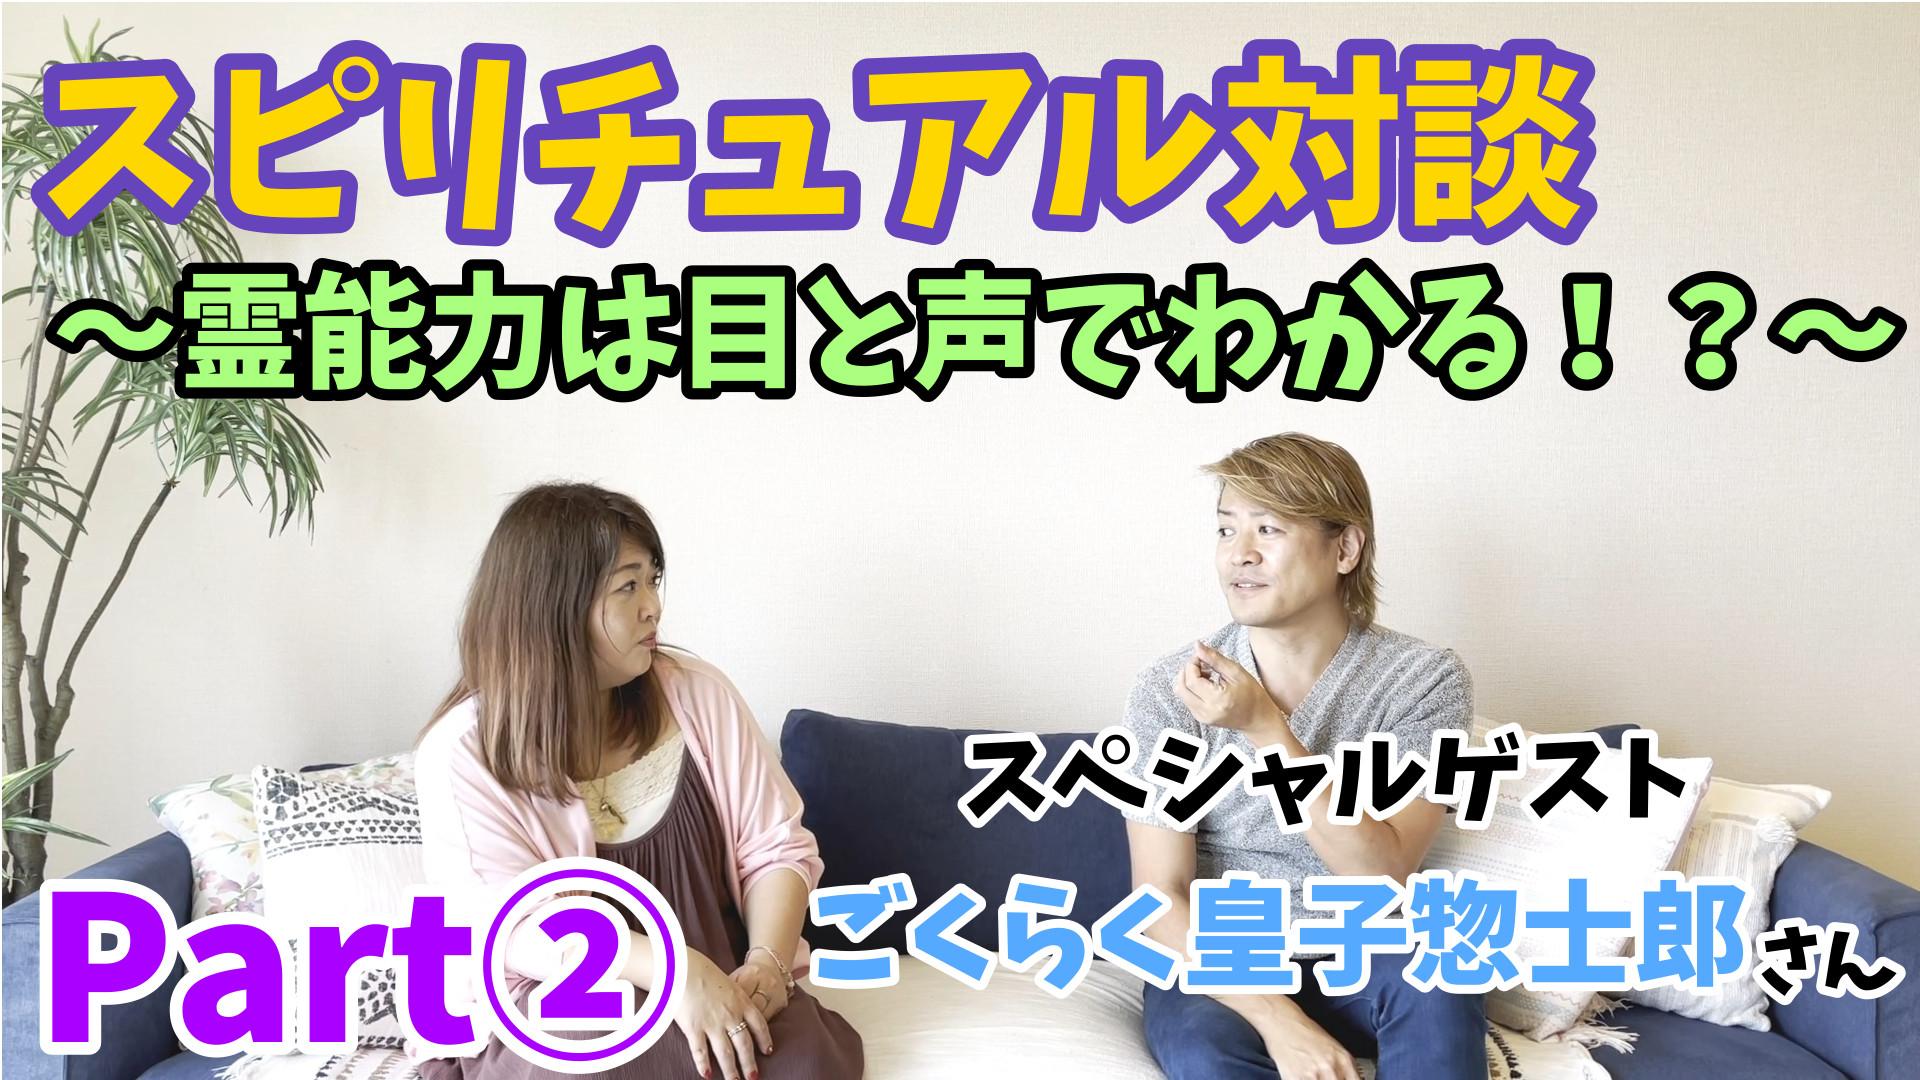 【ごくらく皇子惣士郎】スピリチュアル対談Part② ~霊能力は目と声でわかる!?~